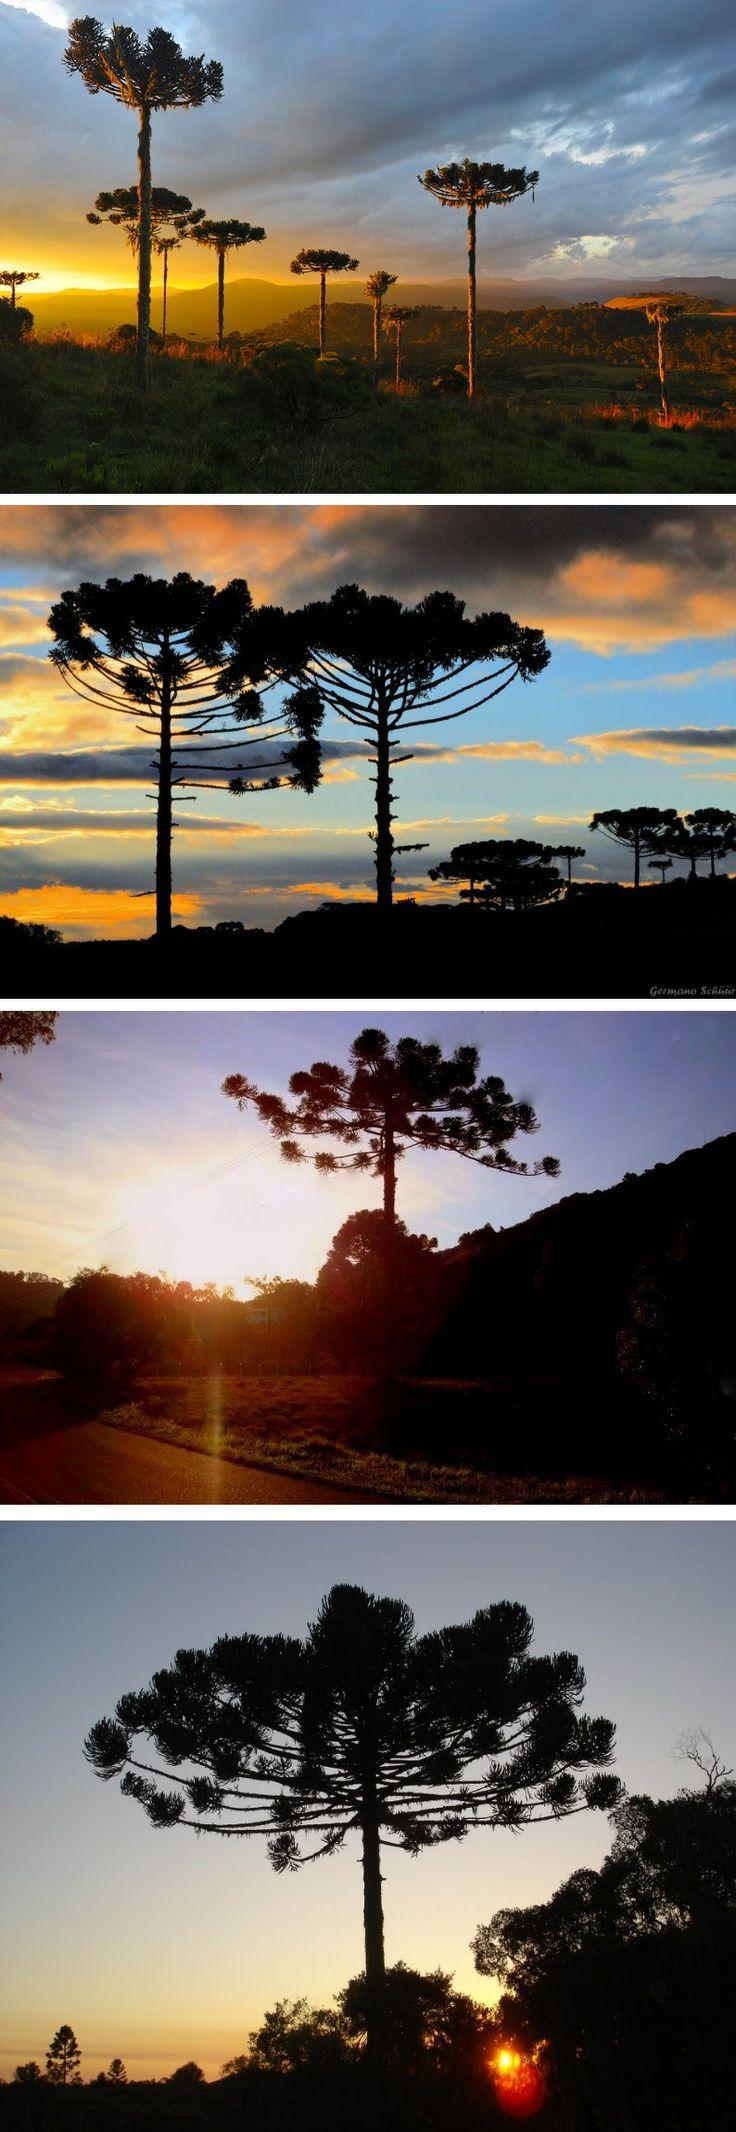 Araucária, árvore do sul do Brasil - Amo as Araucárias, elas tocam-me como algo atávico, vido lá de meus avós paternos que jazem em um pequeno cemitério de beira-de-estrada rural em Bagé e tios avós em Pelotas -RS. Estão estas maravilhosas árvores em processo de extinção pela ganância do homem pela sua madeira, sem replantio.Pretendo de iniciativa própria fazer uma campanha de conscientização de forma simples; é o que posso fazer: camisetas com uma estampa de Araucária com a frase de…